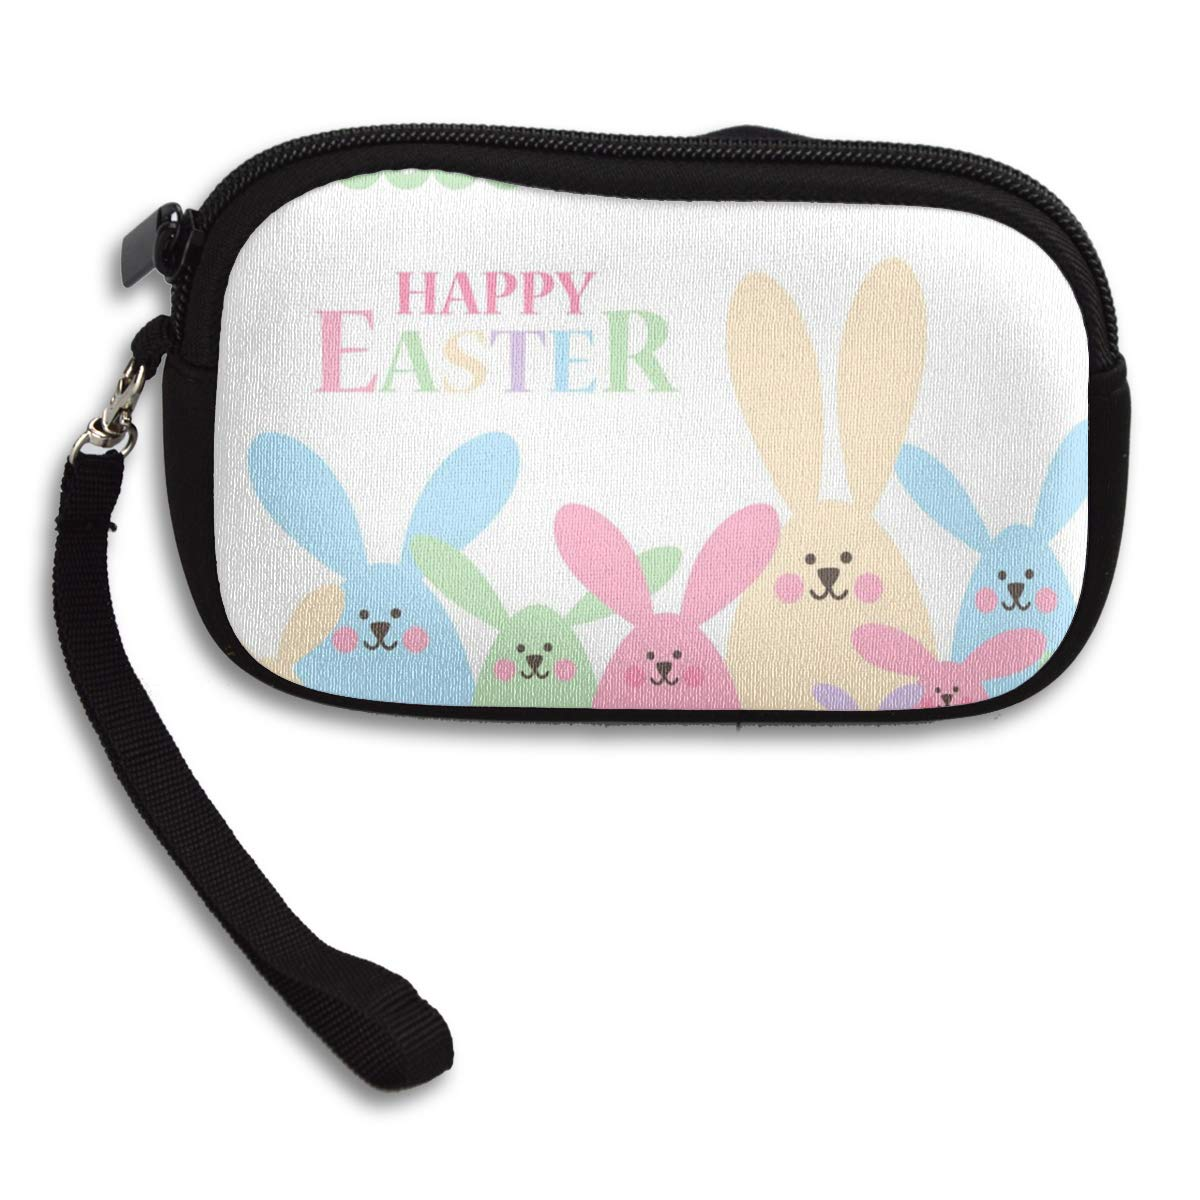 Cute Kids Gift Card Wallet Pink Zipper Coin Pouch BUNNY Coin Purse Change Wallet Rabbits  Bunnies Zipper Bag